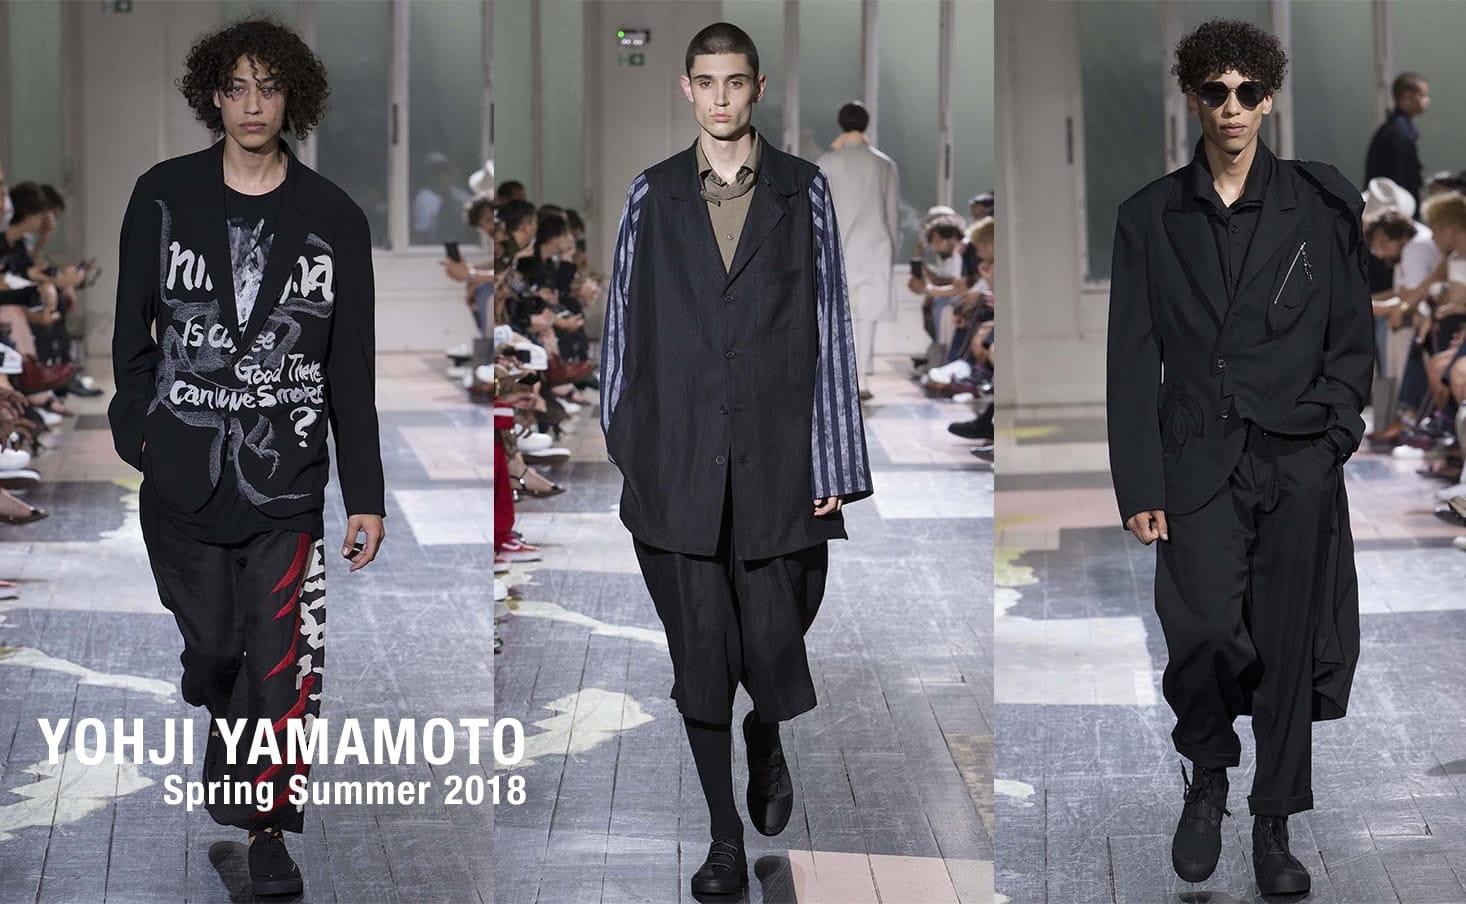 YOHJI YAMAMOTO 2018SS collection